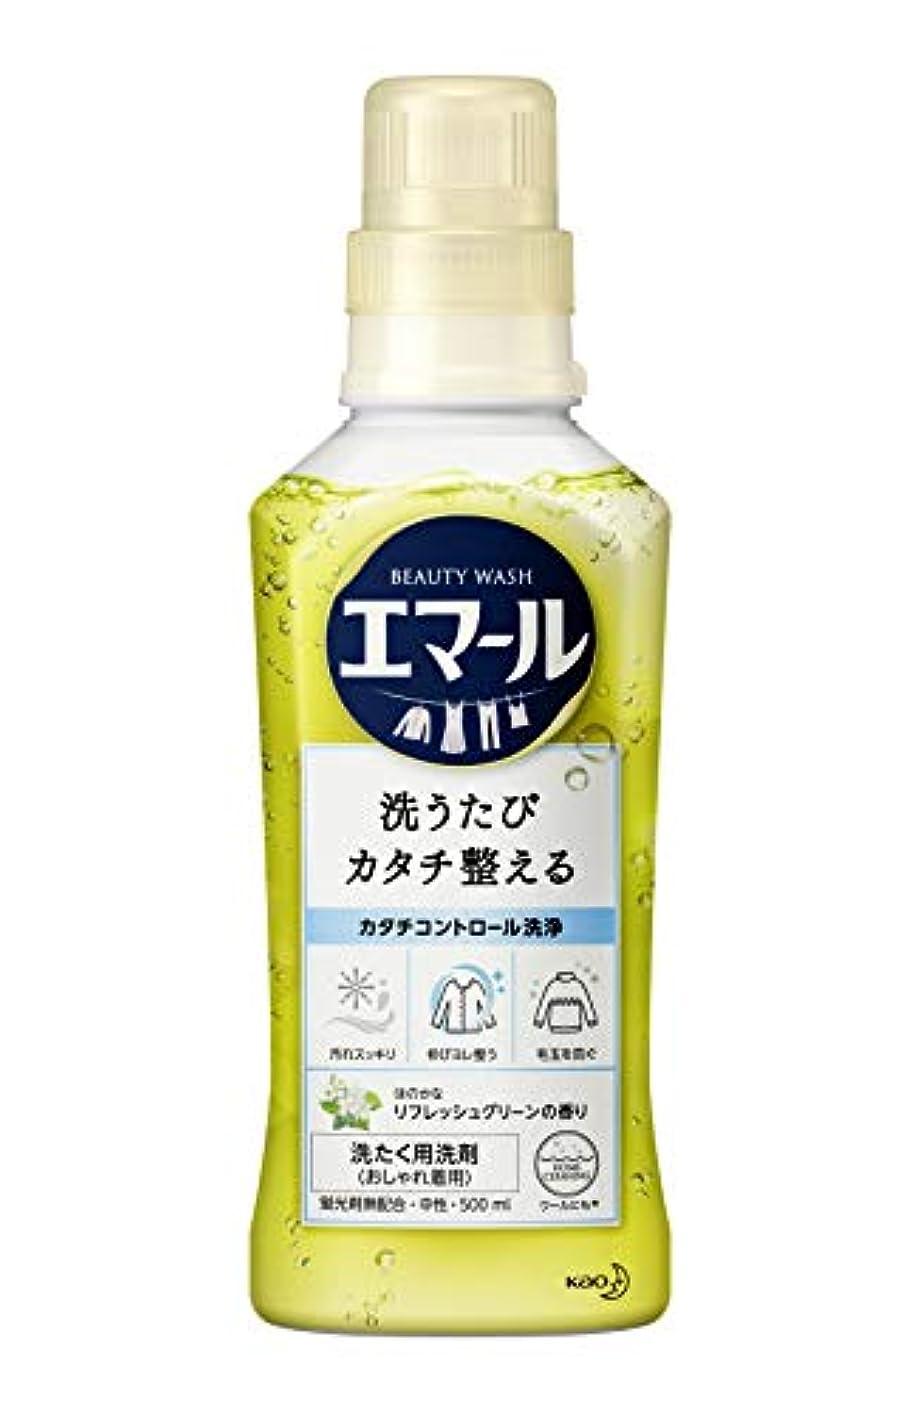 視聴者費用章エマール 洗濯洗剤 液体 おしゃれ着用 リフレッシュグリーンの香り 本体 500ml